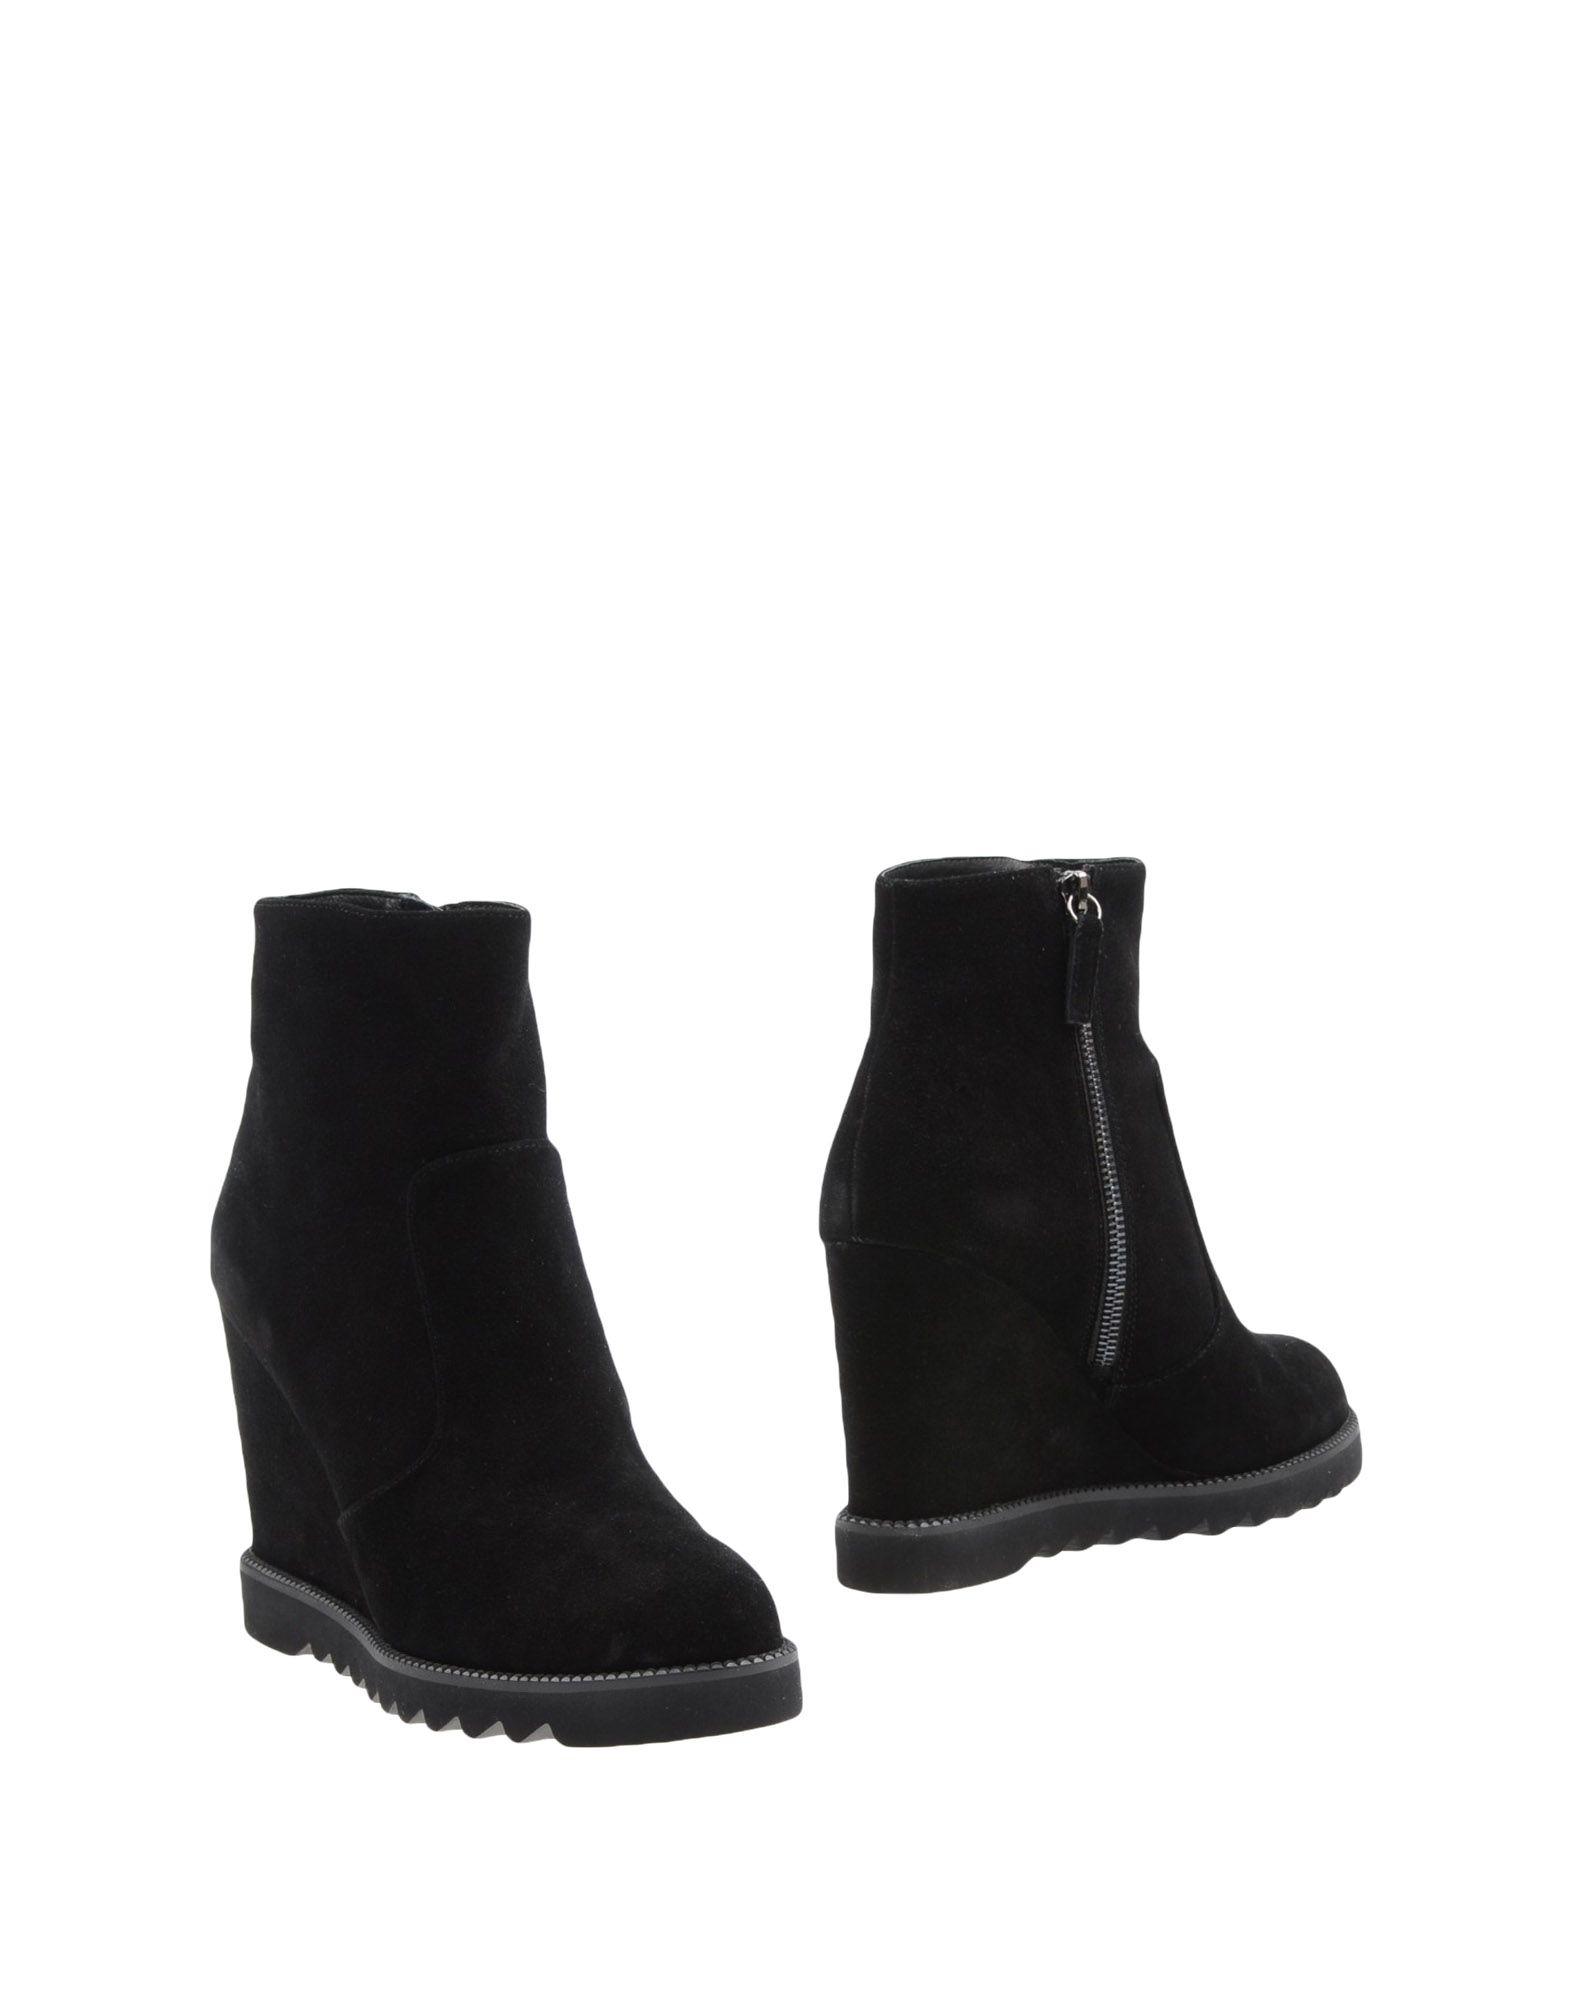 Bibi Lou Stiefelette Damen  11286708HU Neue Schuhe